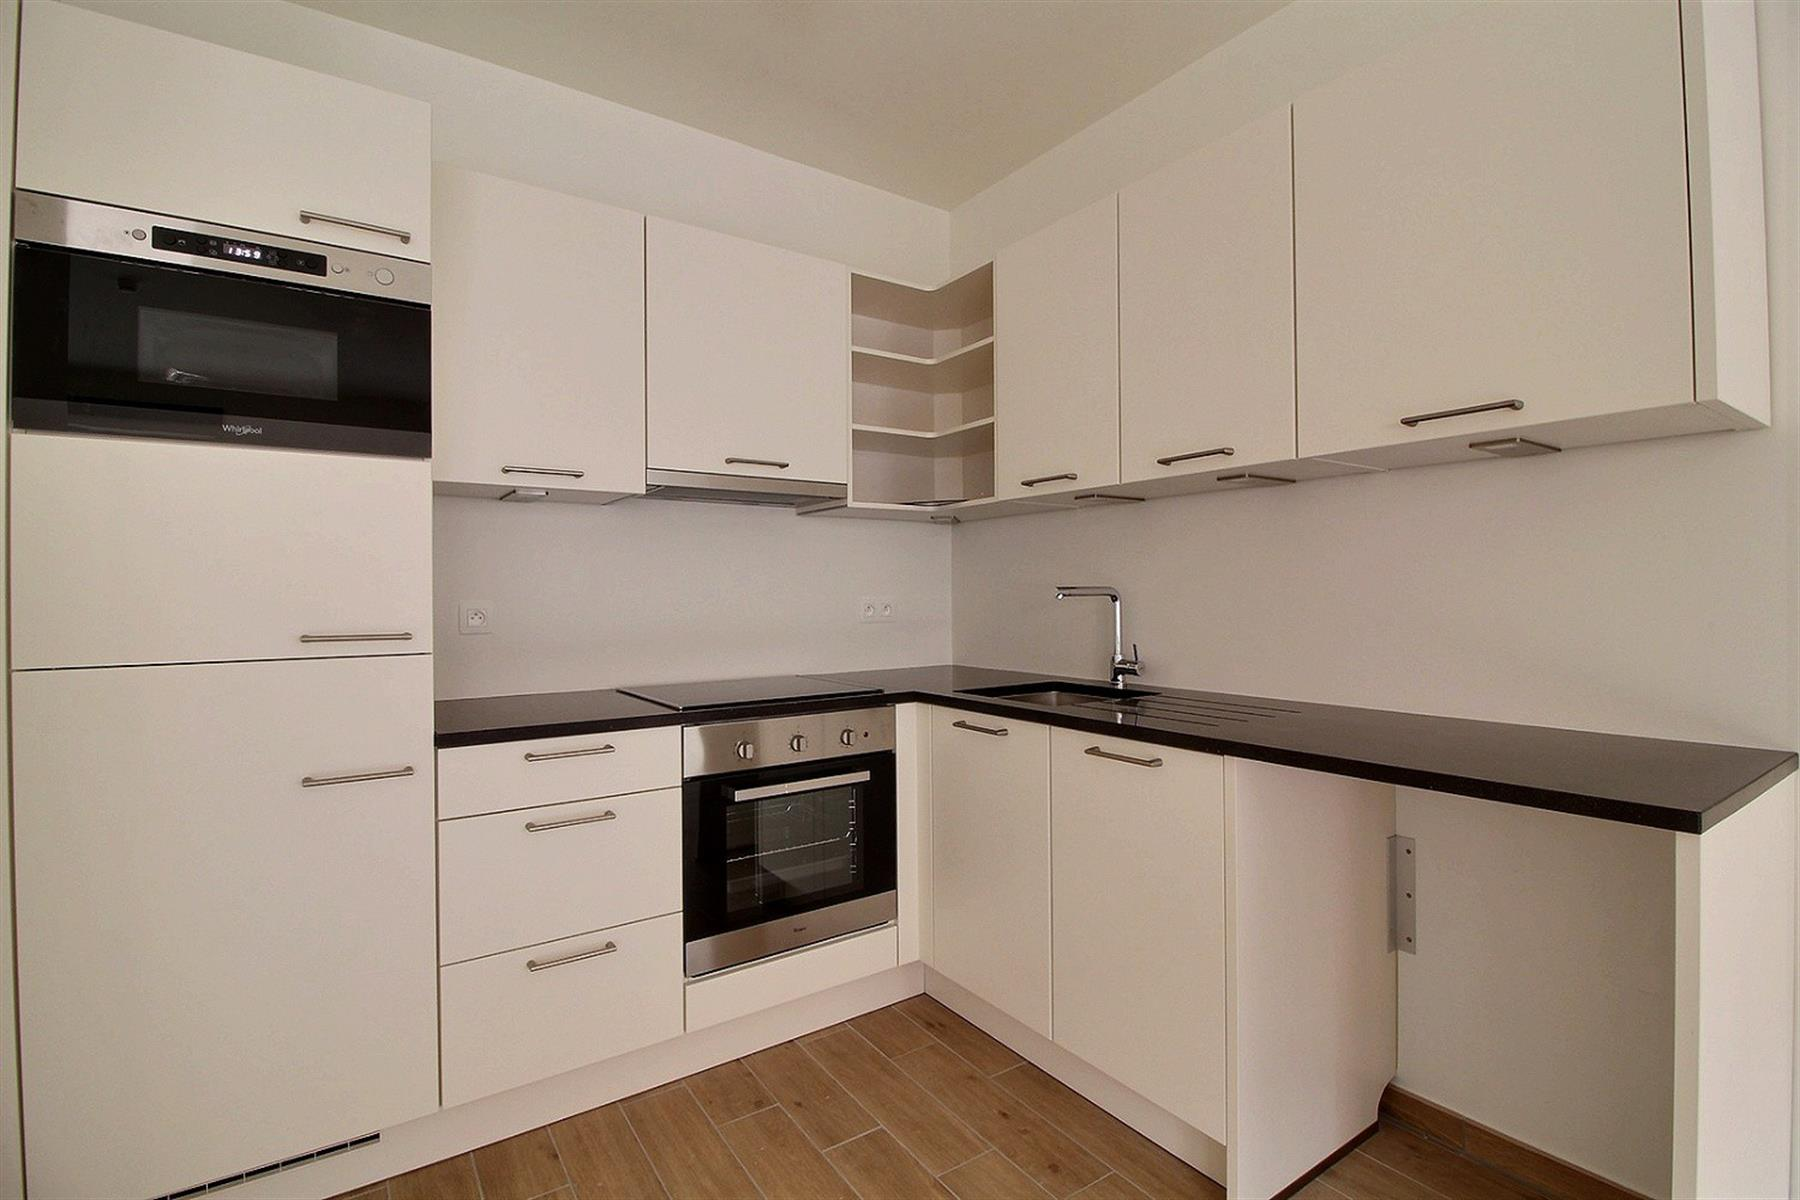 Appartement - Ottignies-Louvain-la-Neuve Louvain-la-Neuve - #4258211-2